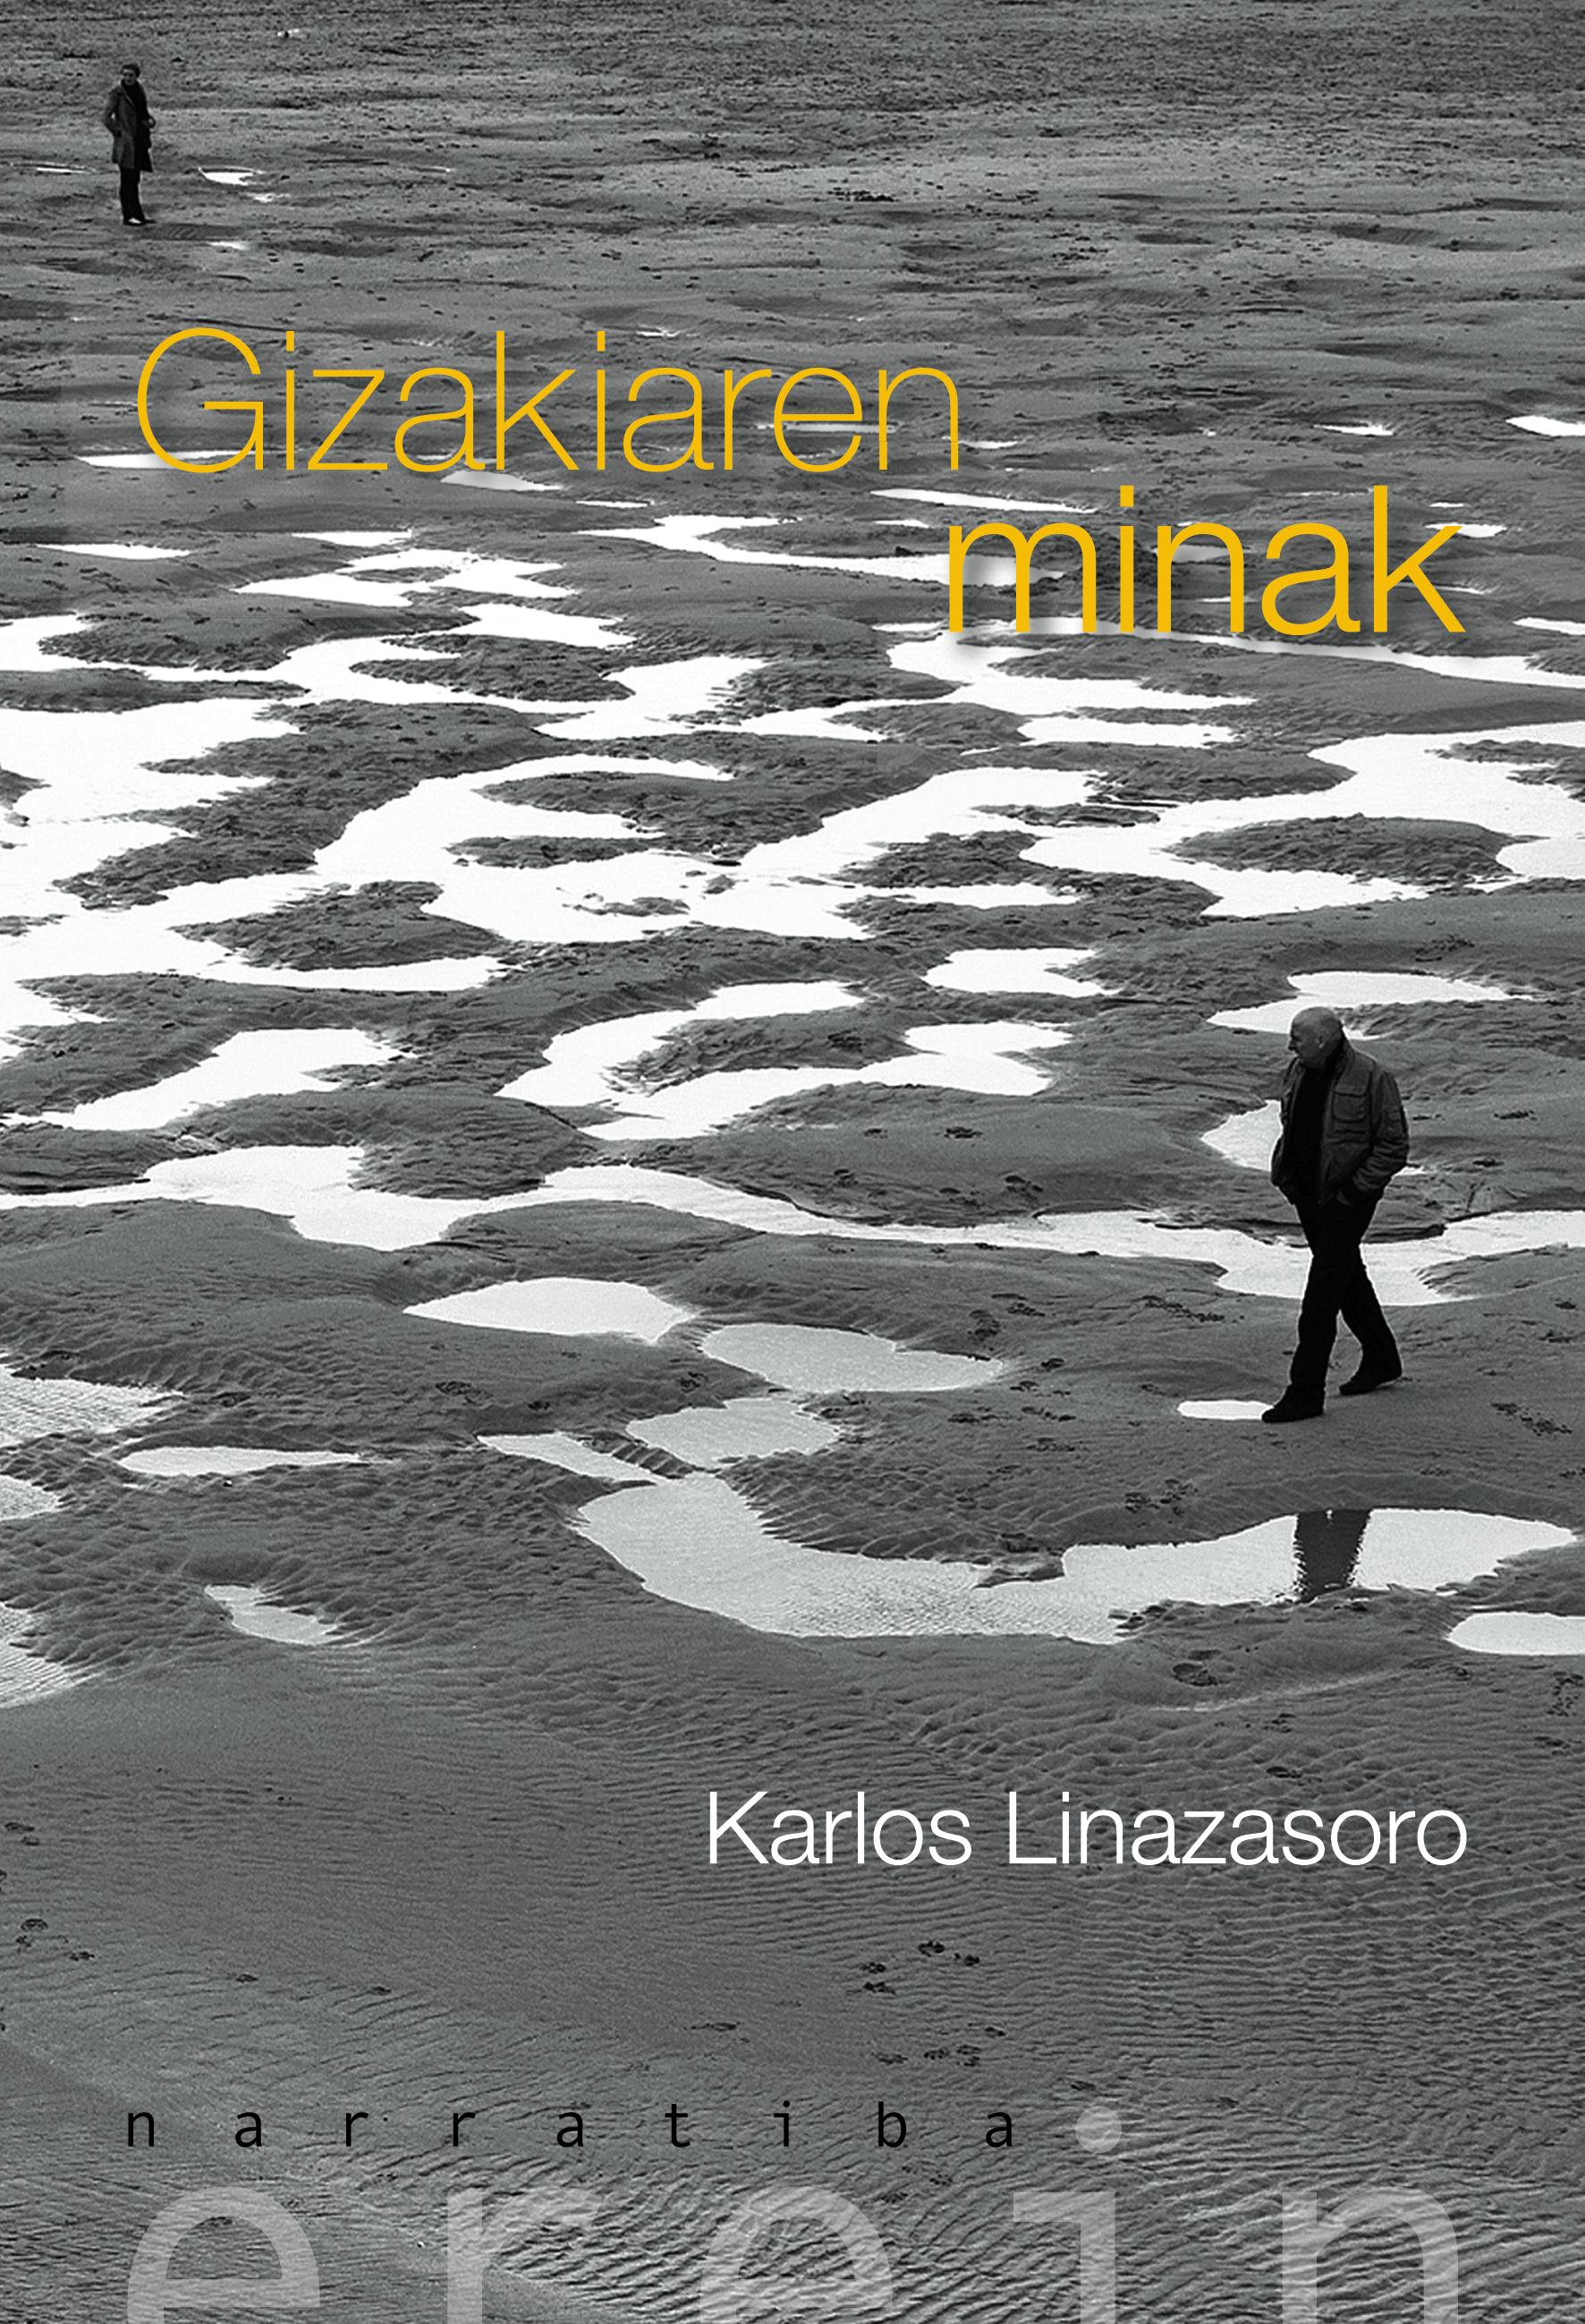 GIZAKIAREN MINAK. Karlos Linazasoro